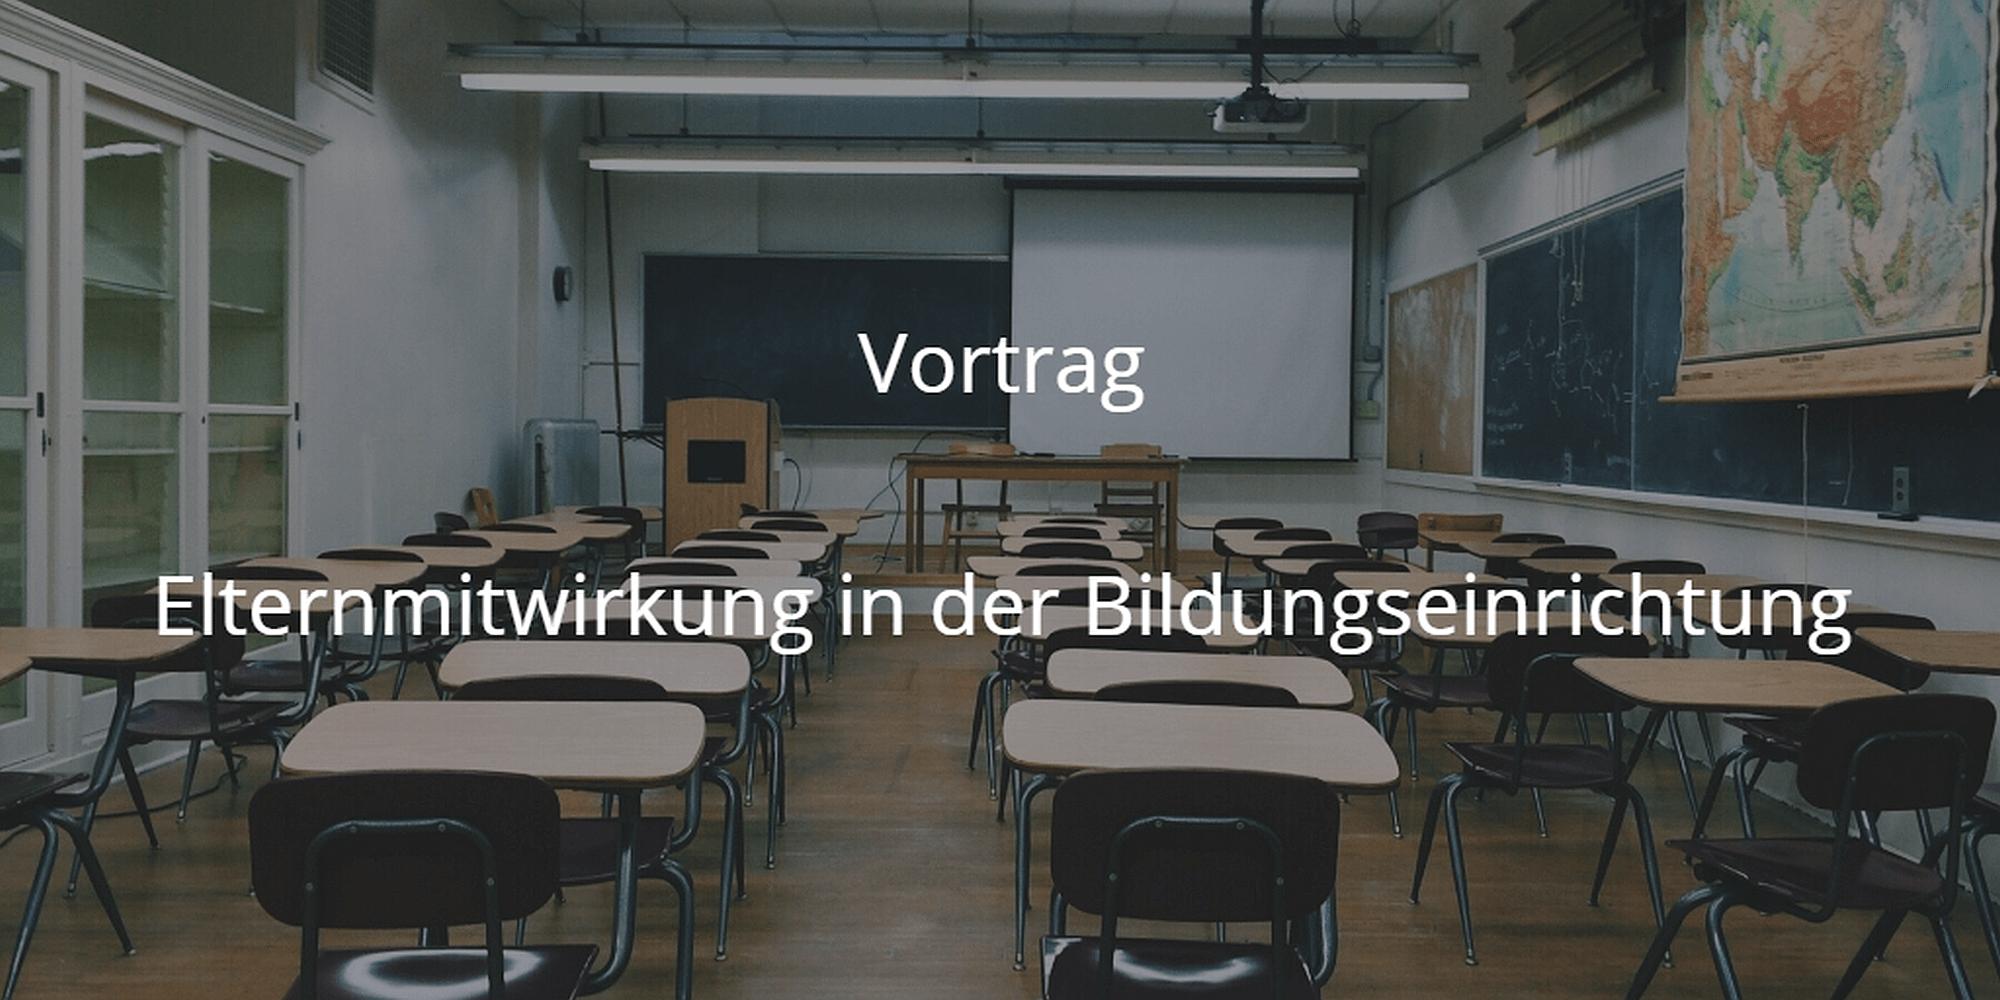 Vortrag Elternmitwirkung in der Bildungseinrichtung